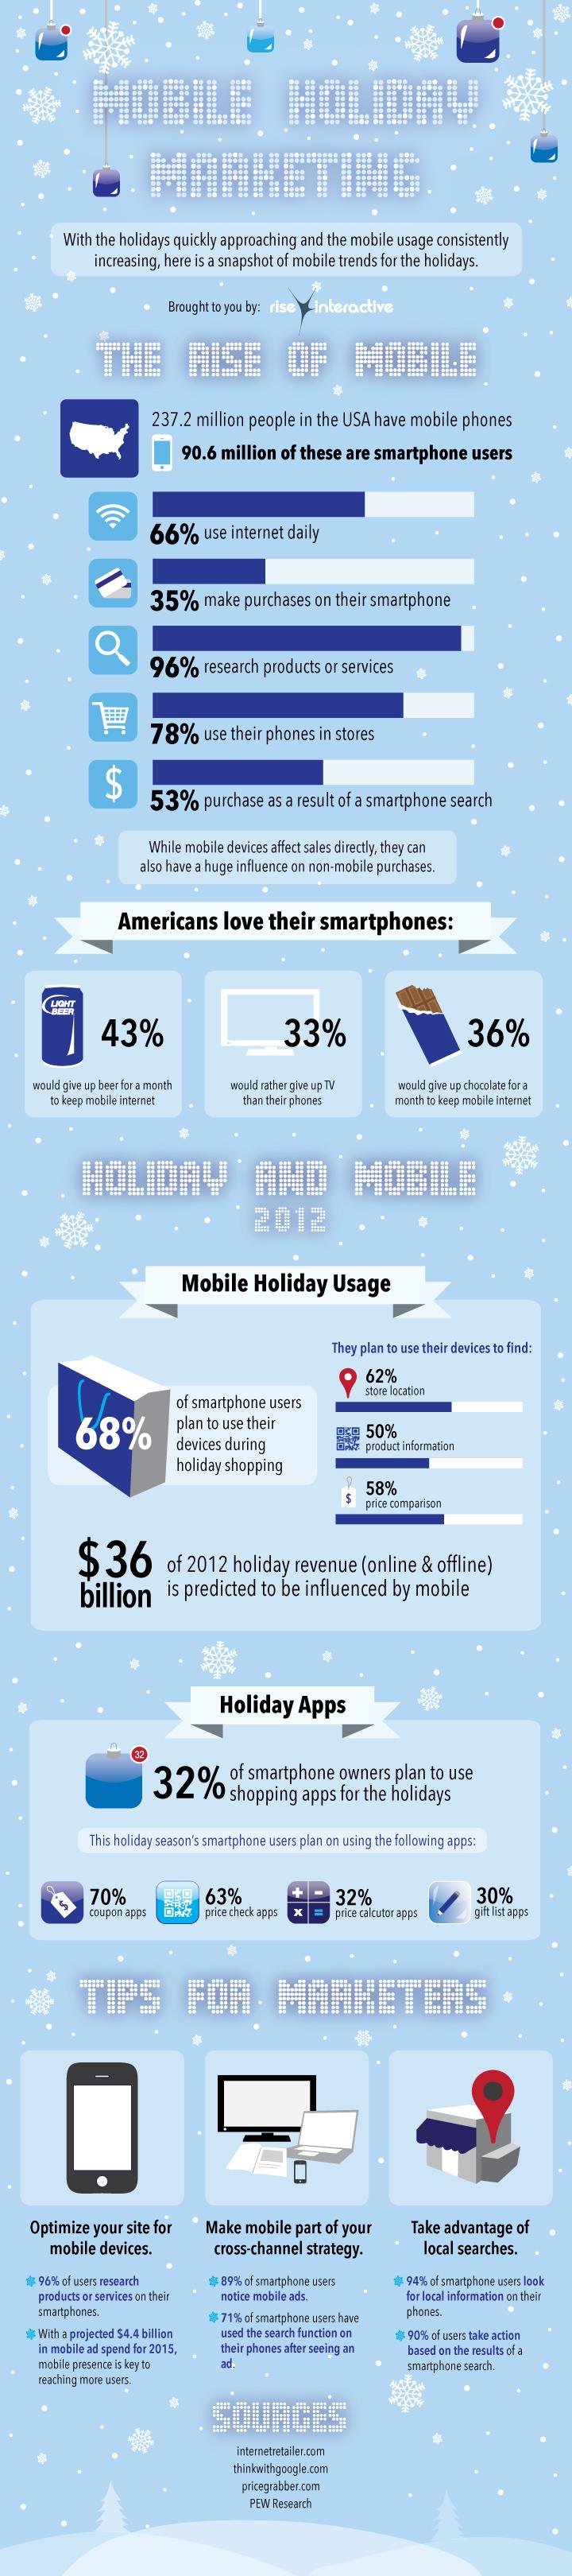 Marketing móvil en Navidades (USA)